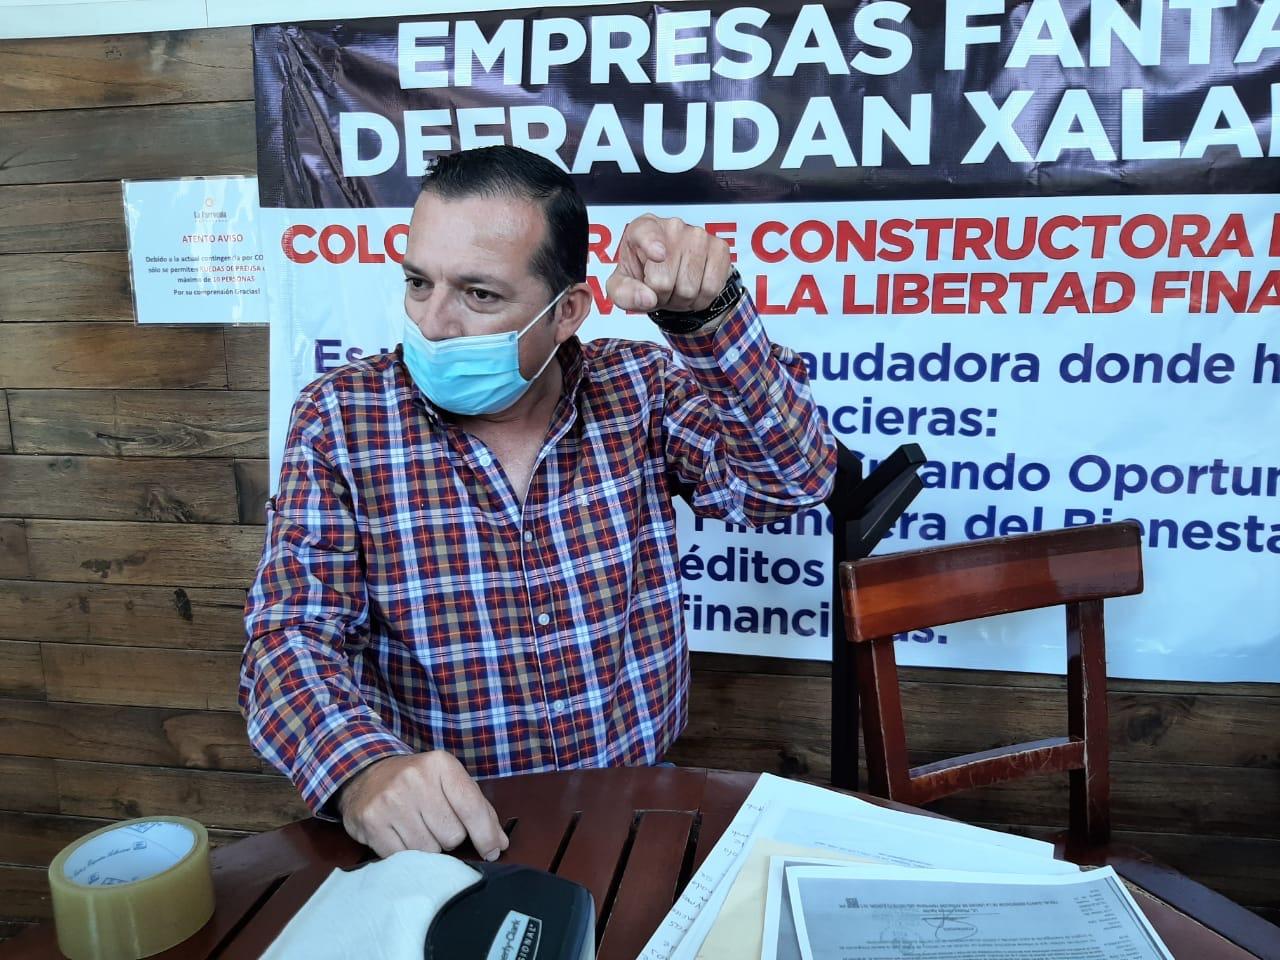 Ciudadano alerta sobre empresa que ha defraudado a cientos en Xalapa